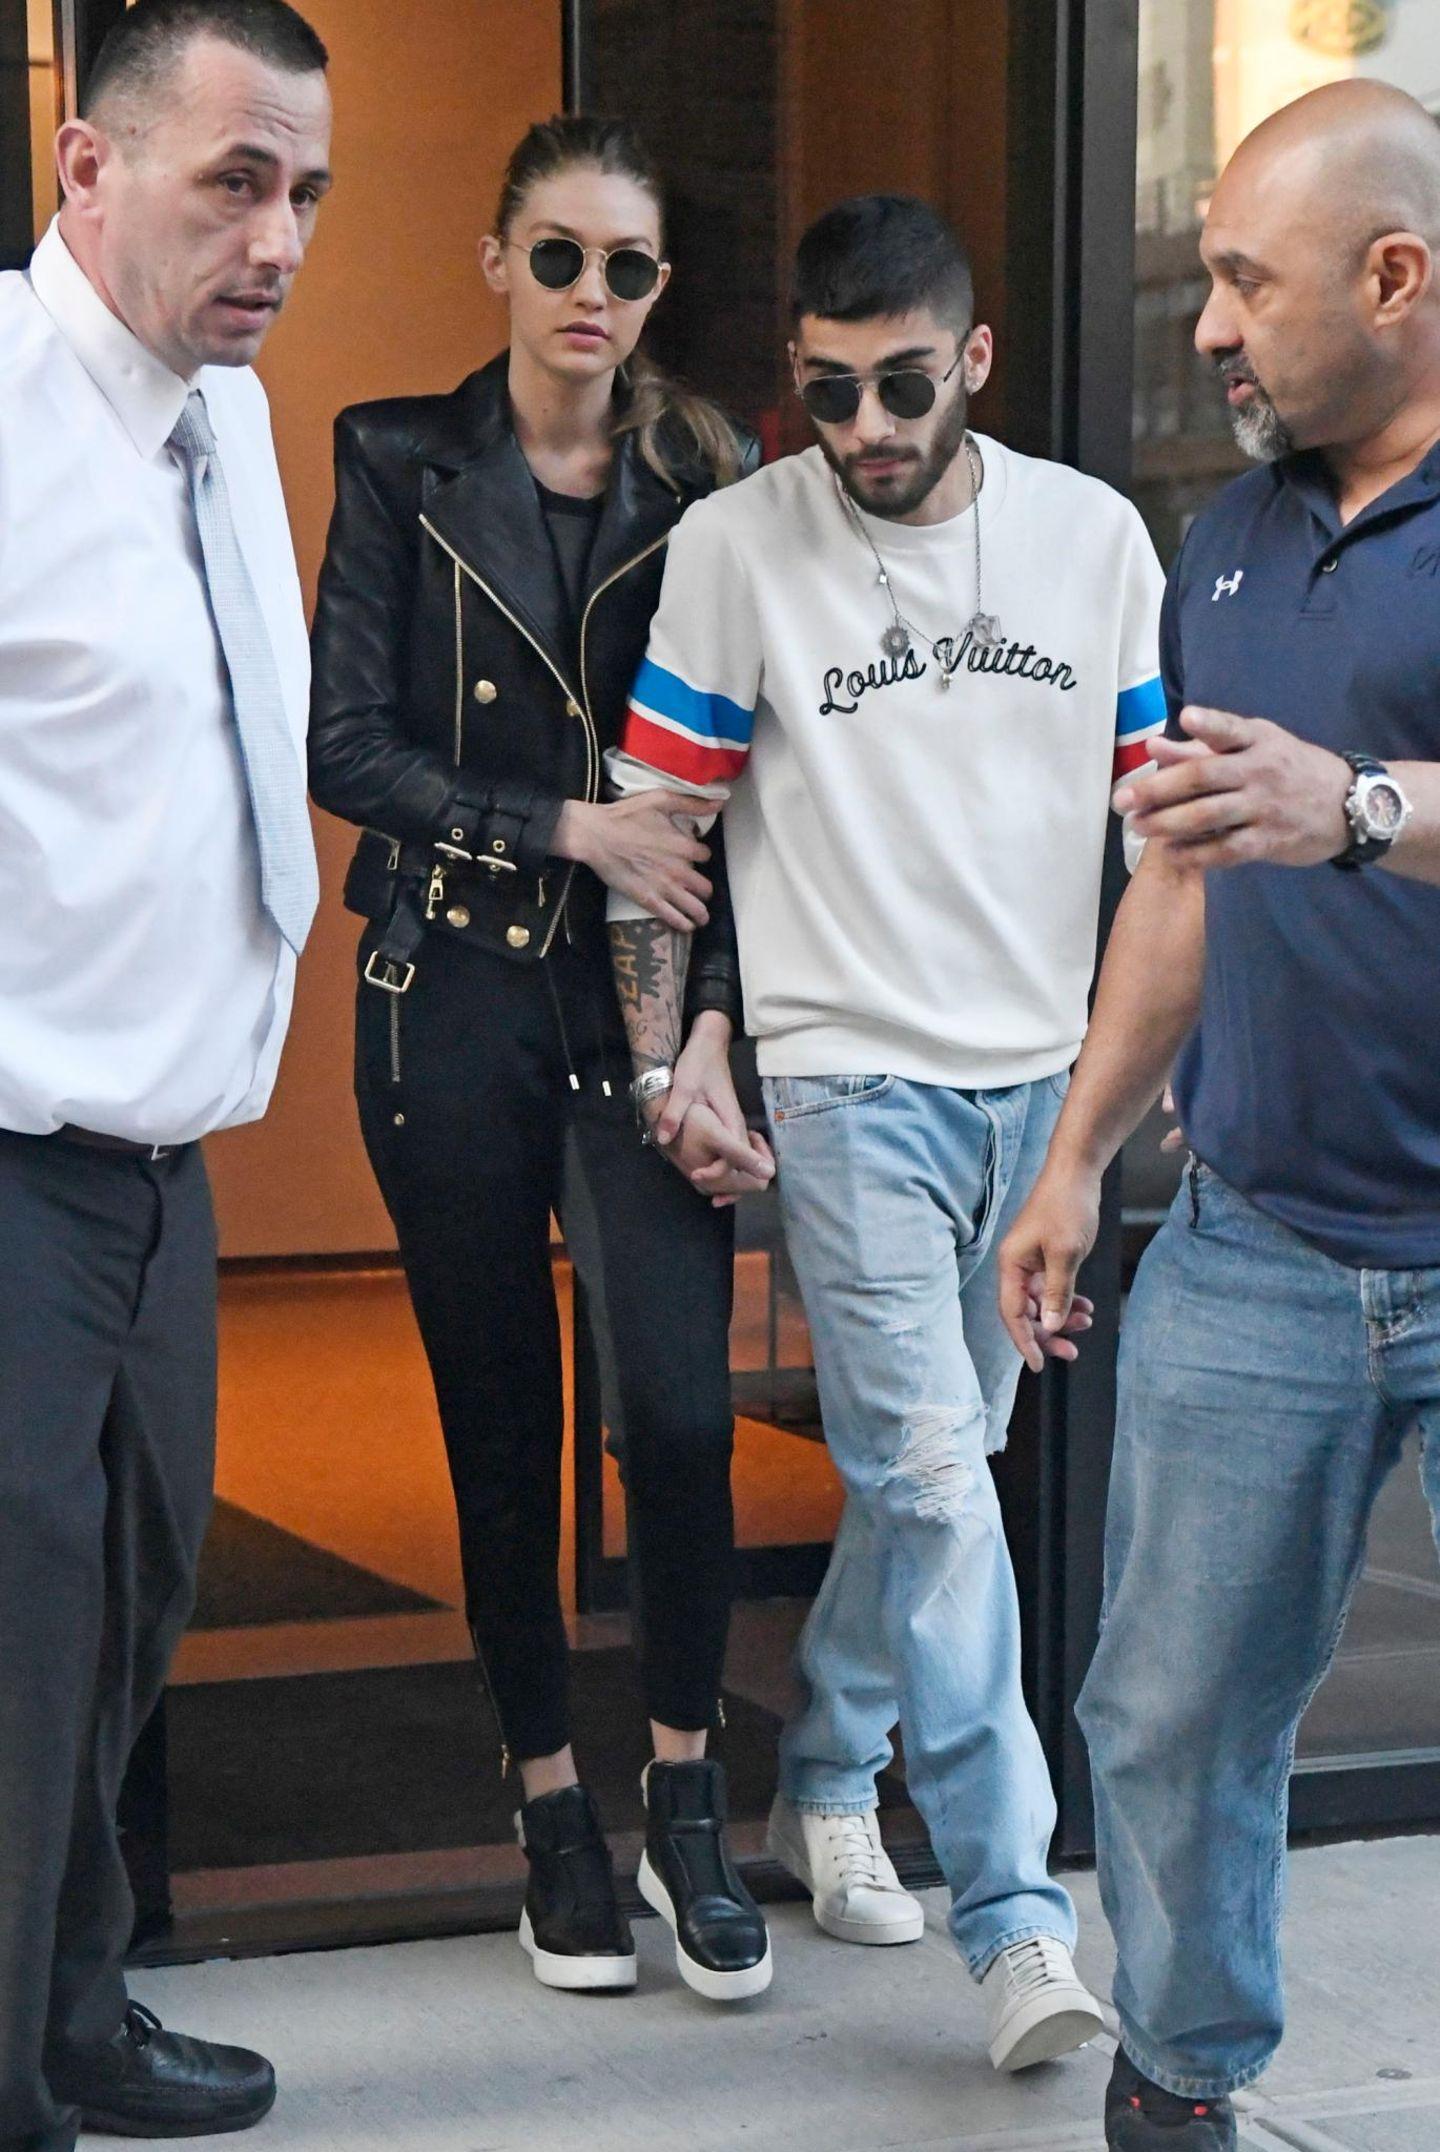 10. Juni 2016: Das ist wohl der endgültige Beweis, dass Gigi Hadid und Zayn Malik wieder ein Paar sind. Das Model und der Sänger verlassen ihre Wohnung in New York Hand in Hand.